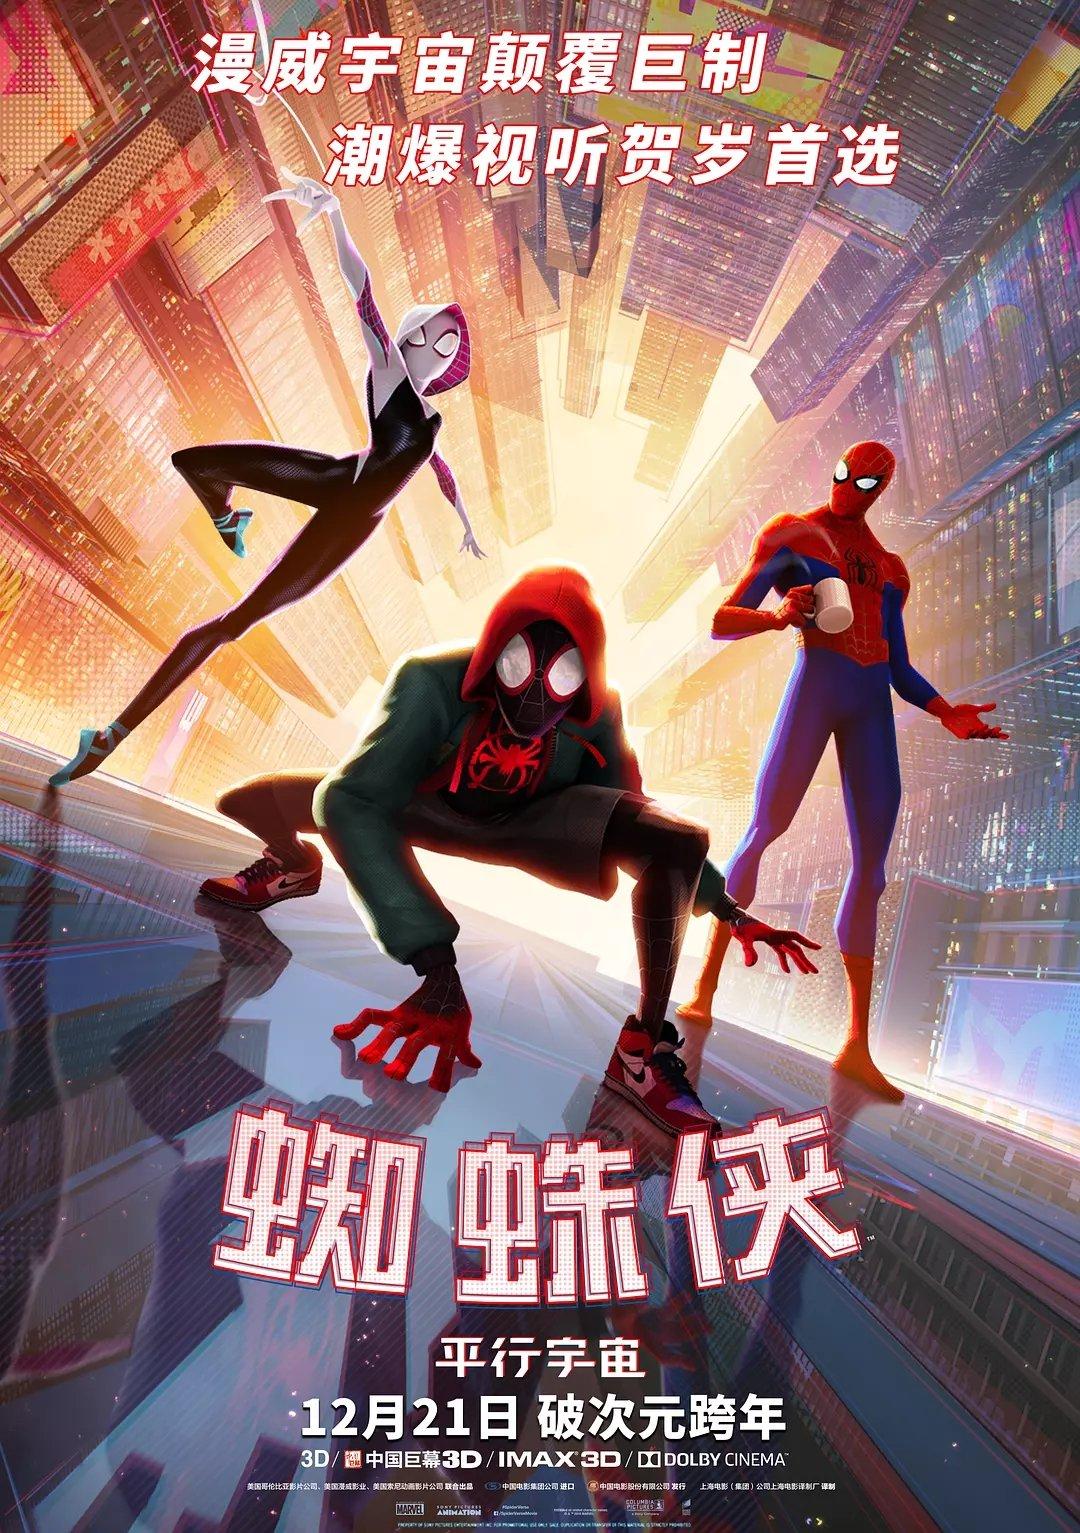 蜘蛛侠:平行宇宙 [更新蓝光,几乎囊括所有重要电影奖的最佳动画长片奖]